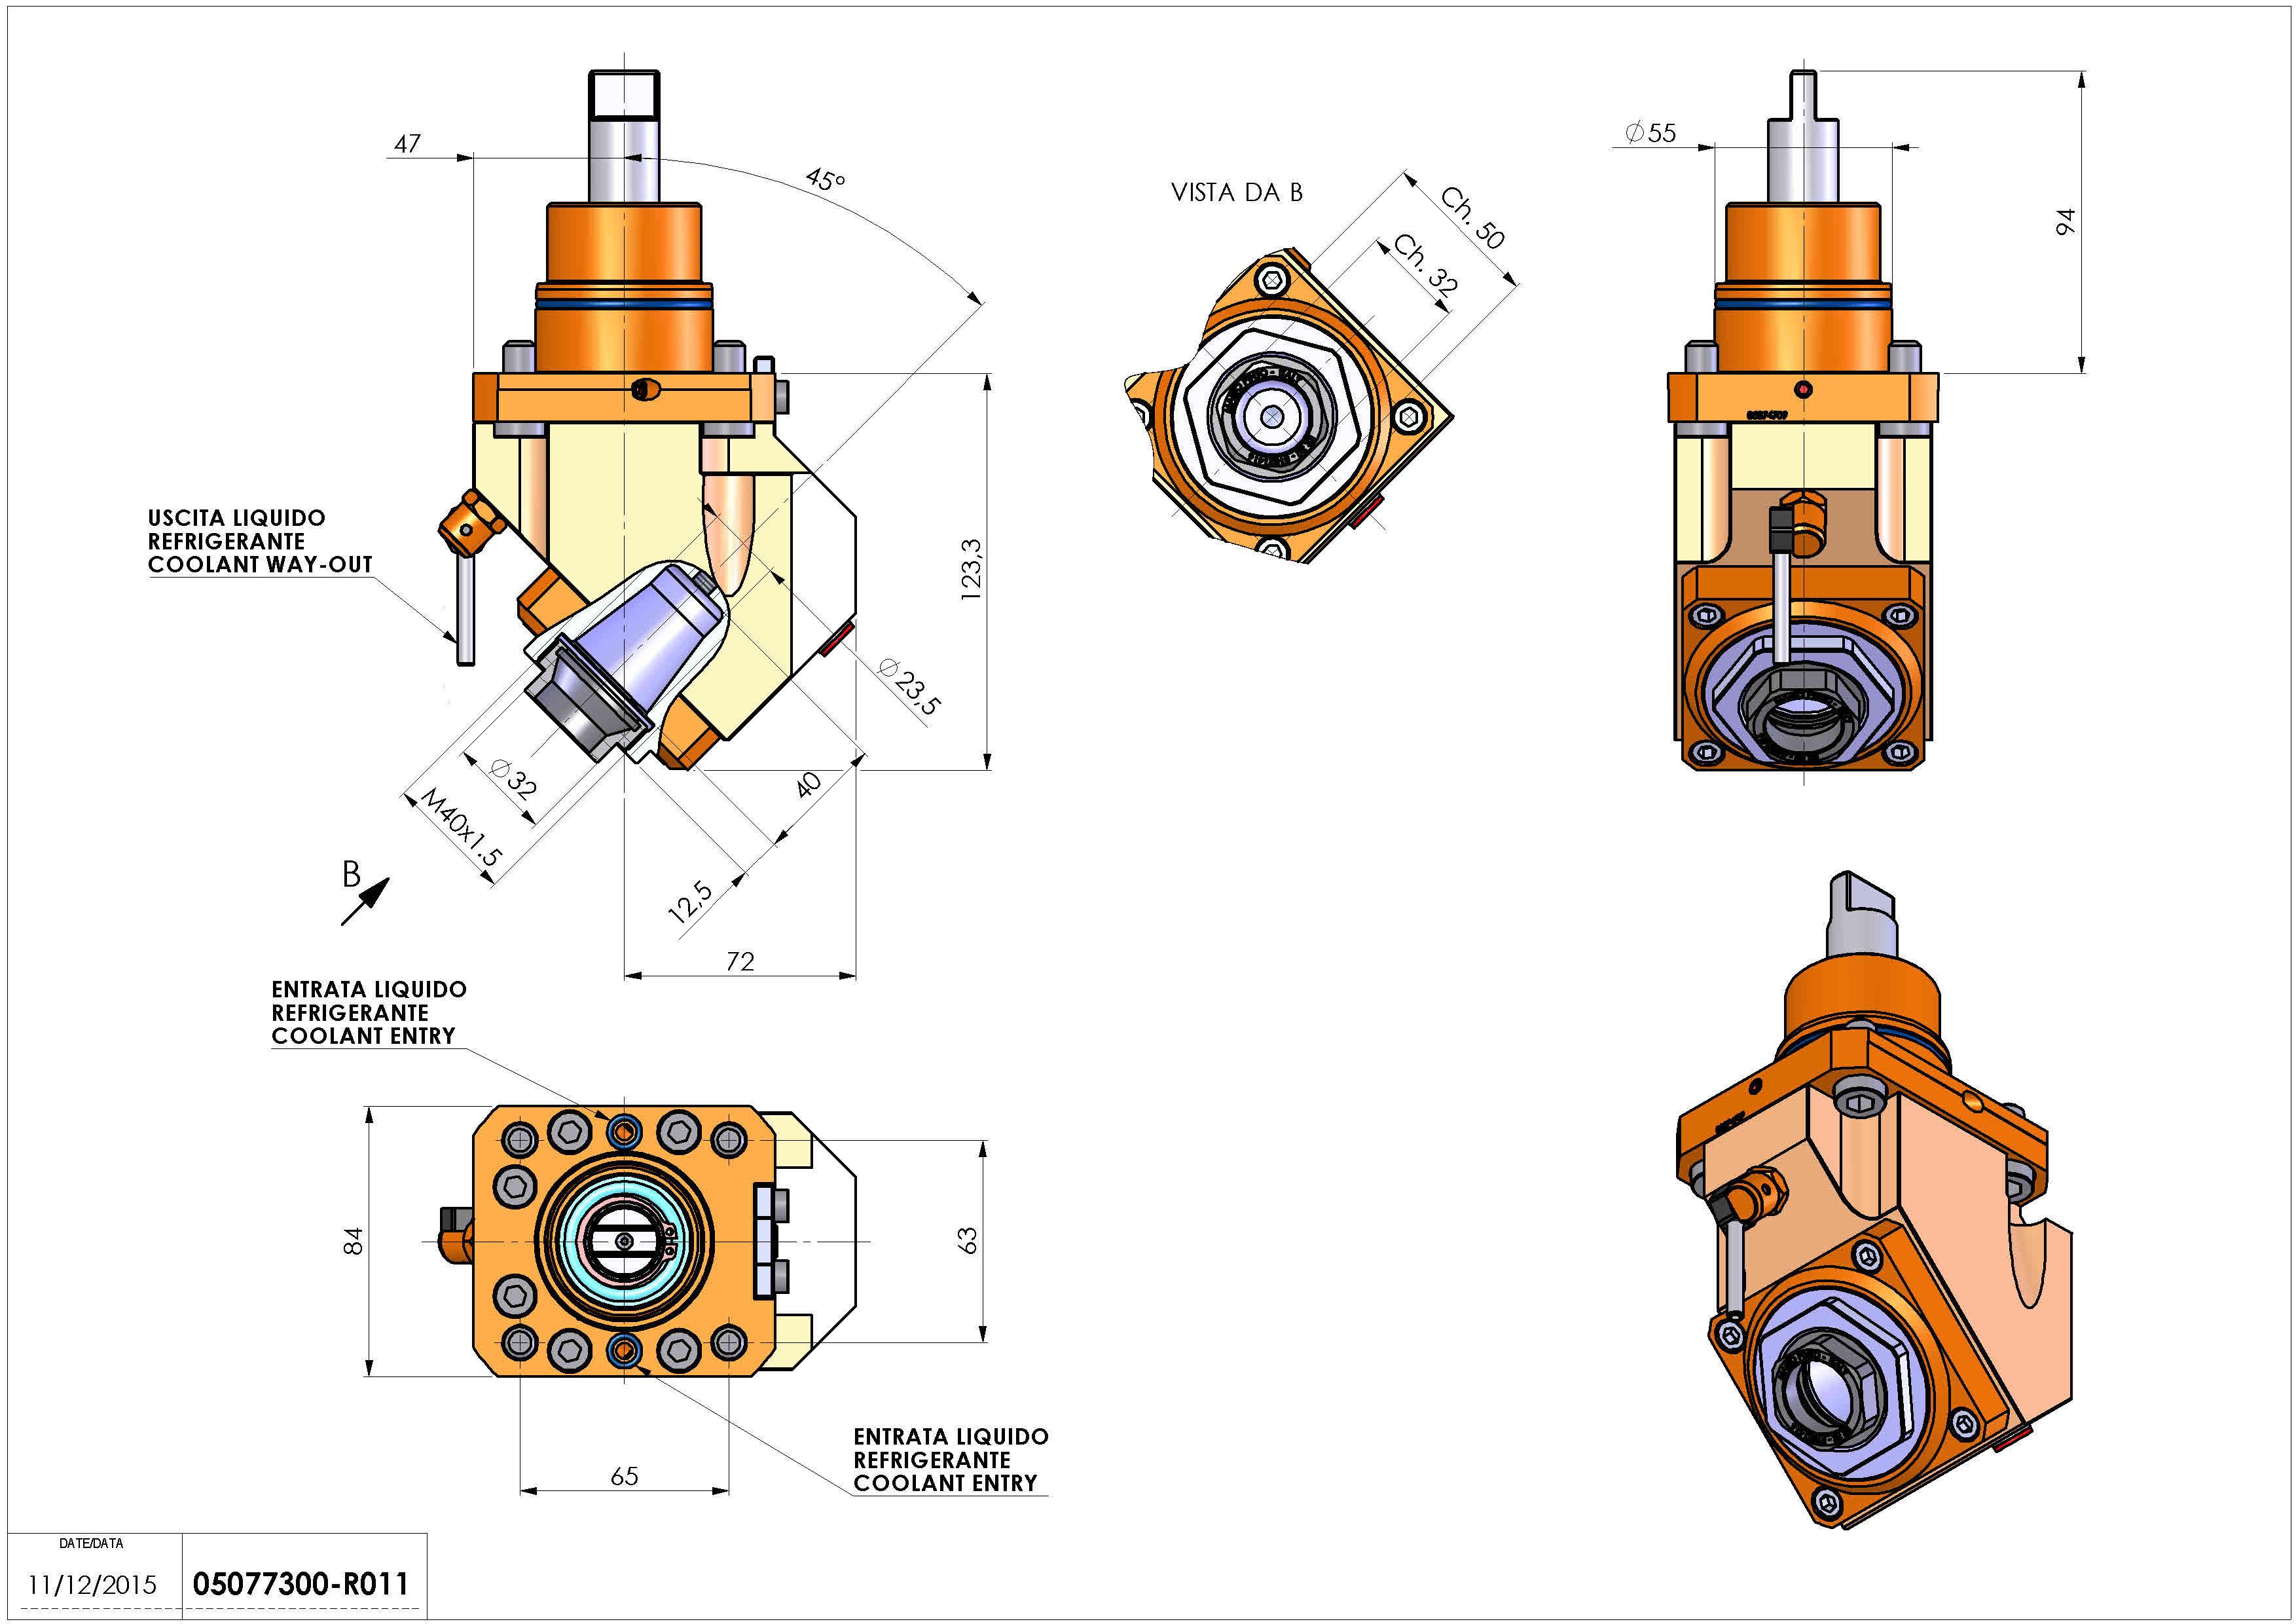 Technical image - LT-A45 D55 ER32F LR2:1H104BI.